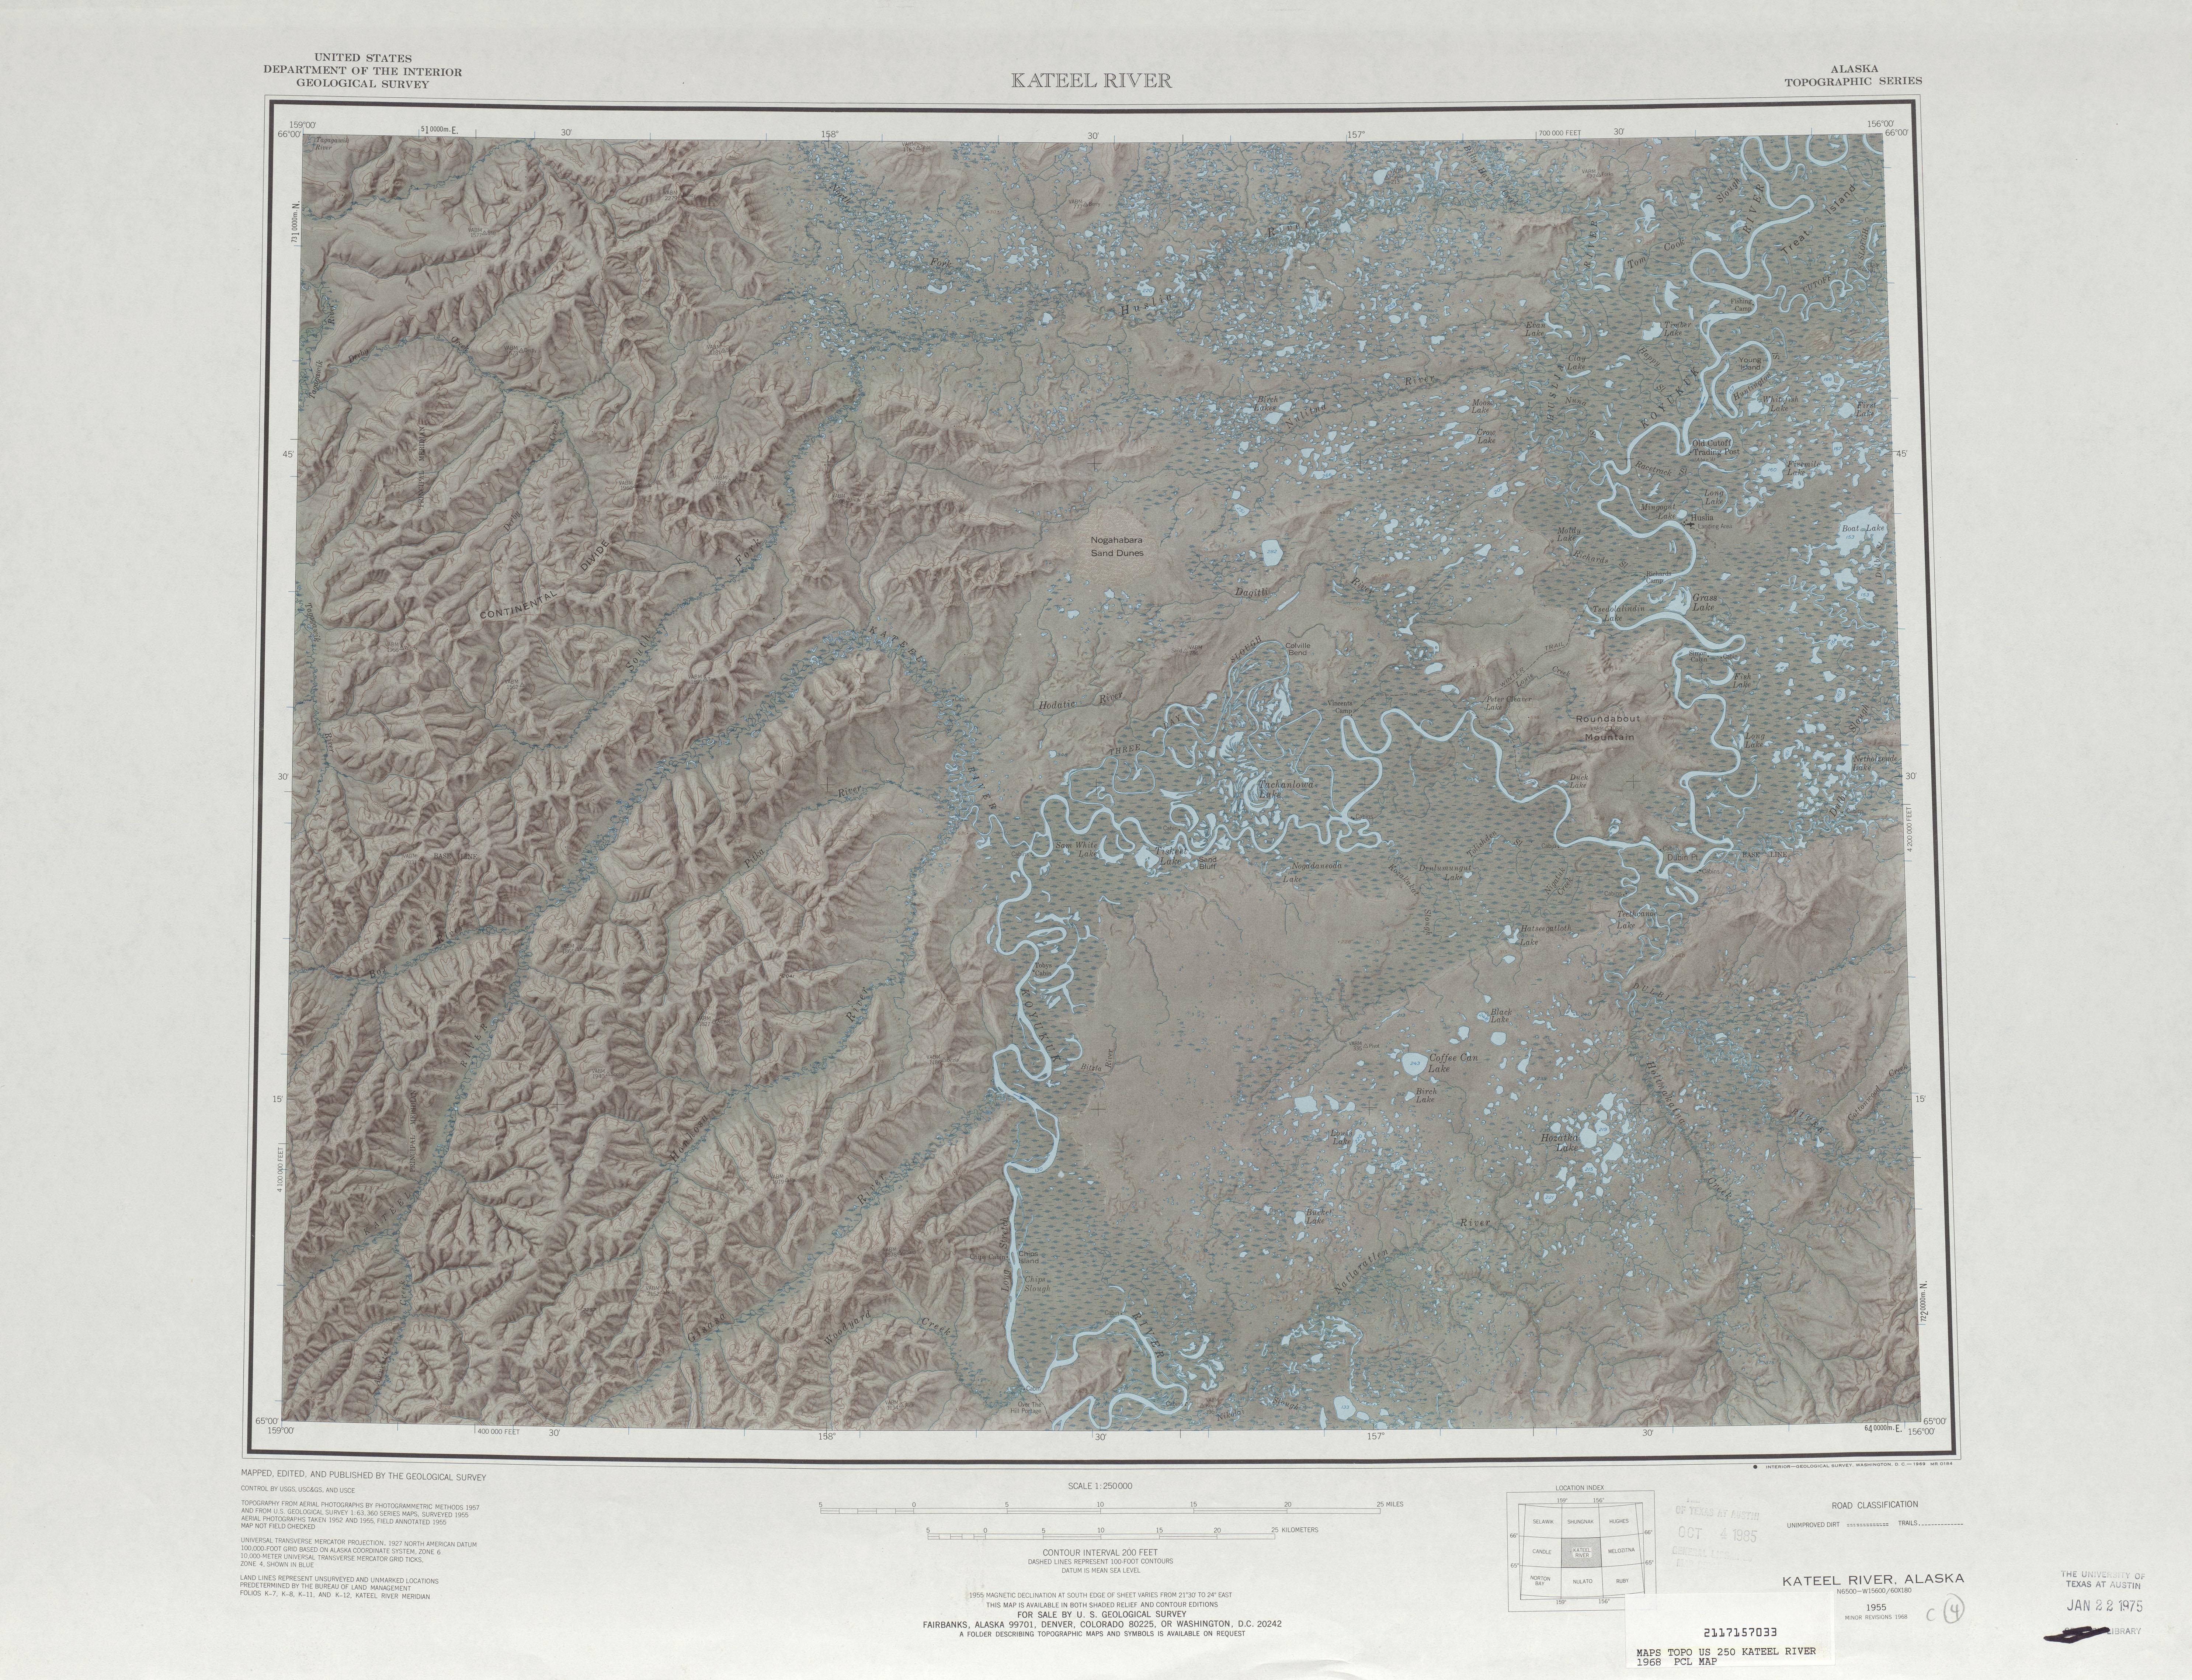 Hoja Kateel River del Mapa de Relieve Sombreado de los Estados Unidos 1968